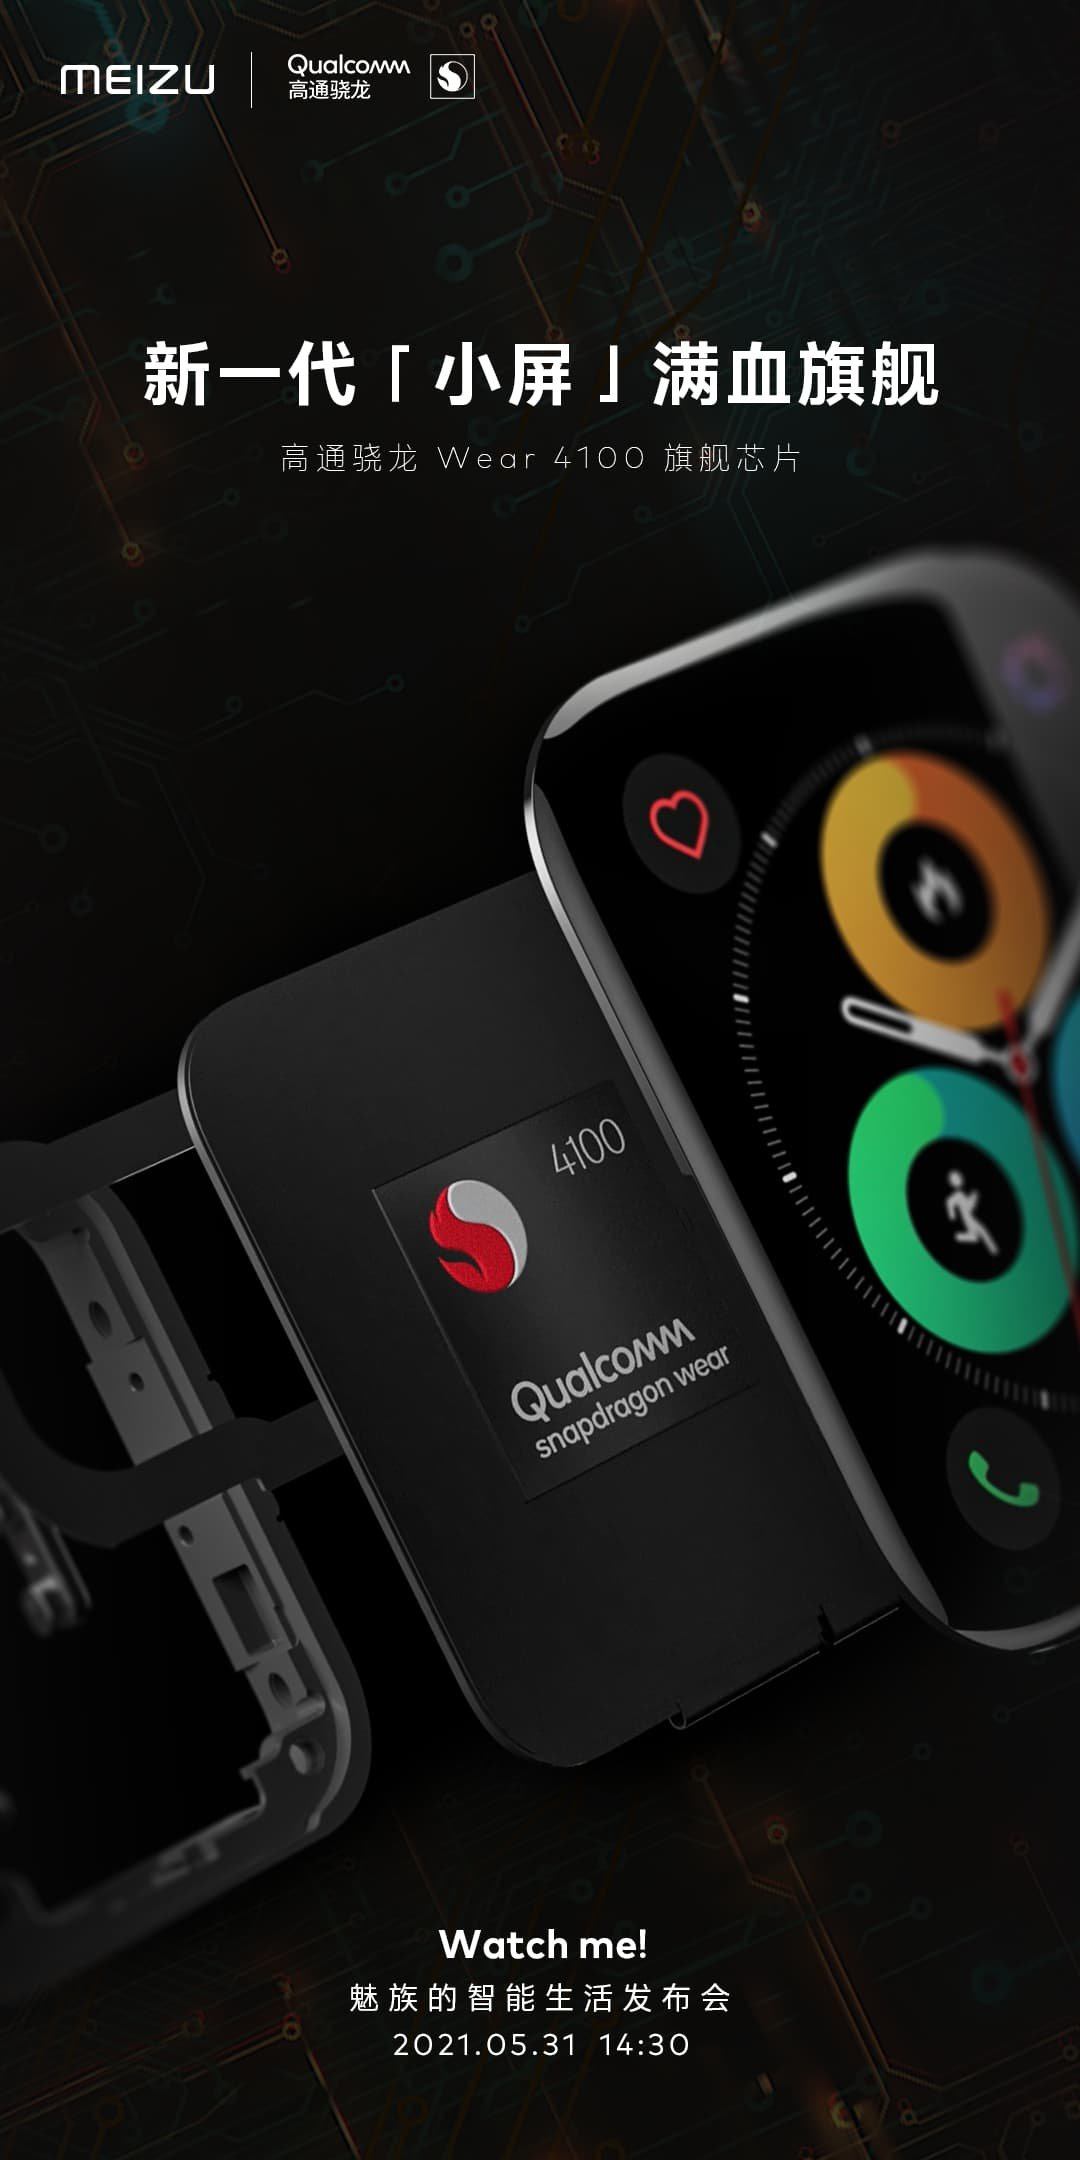 Meizu Watch Features Snapdragon wear 4100